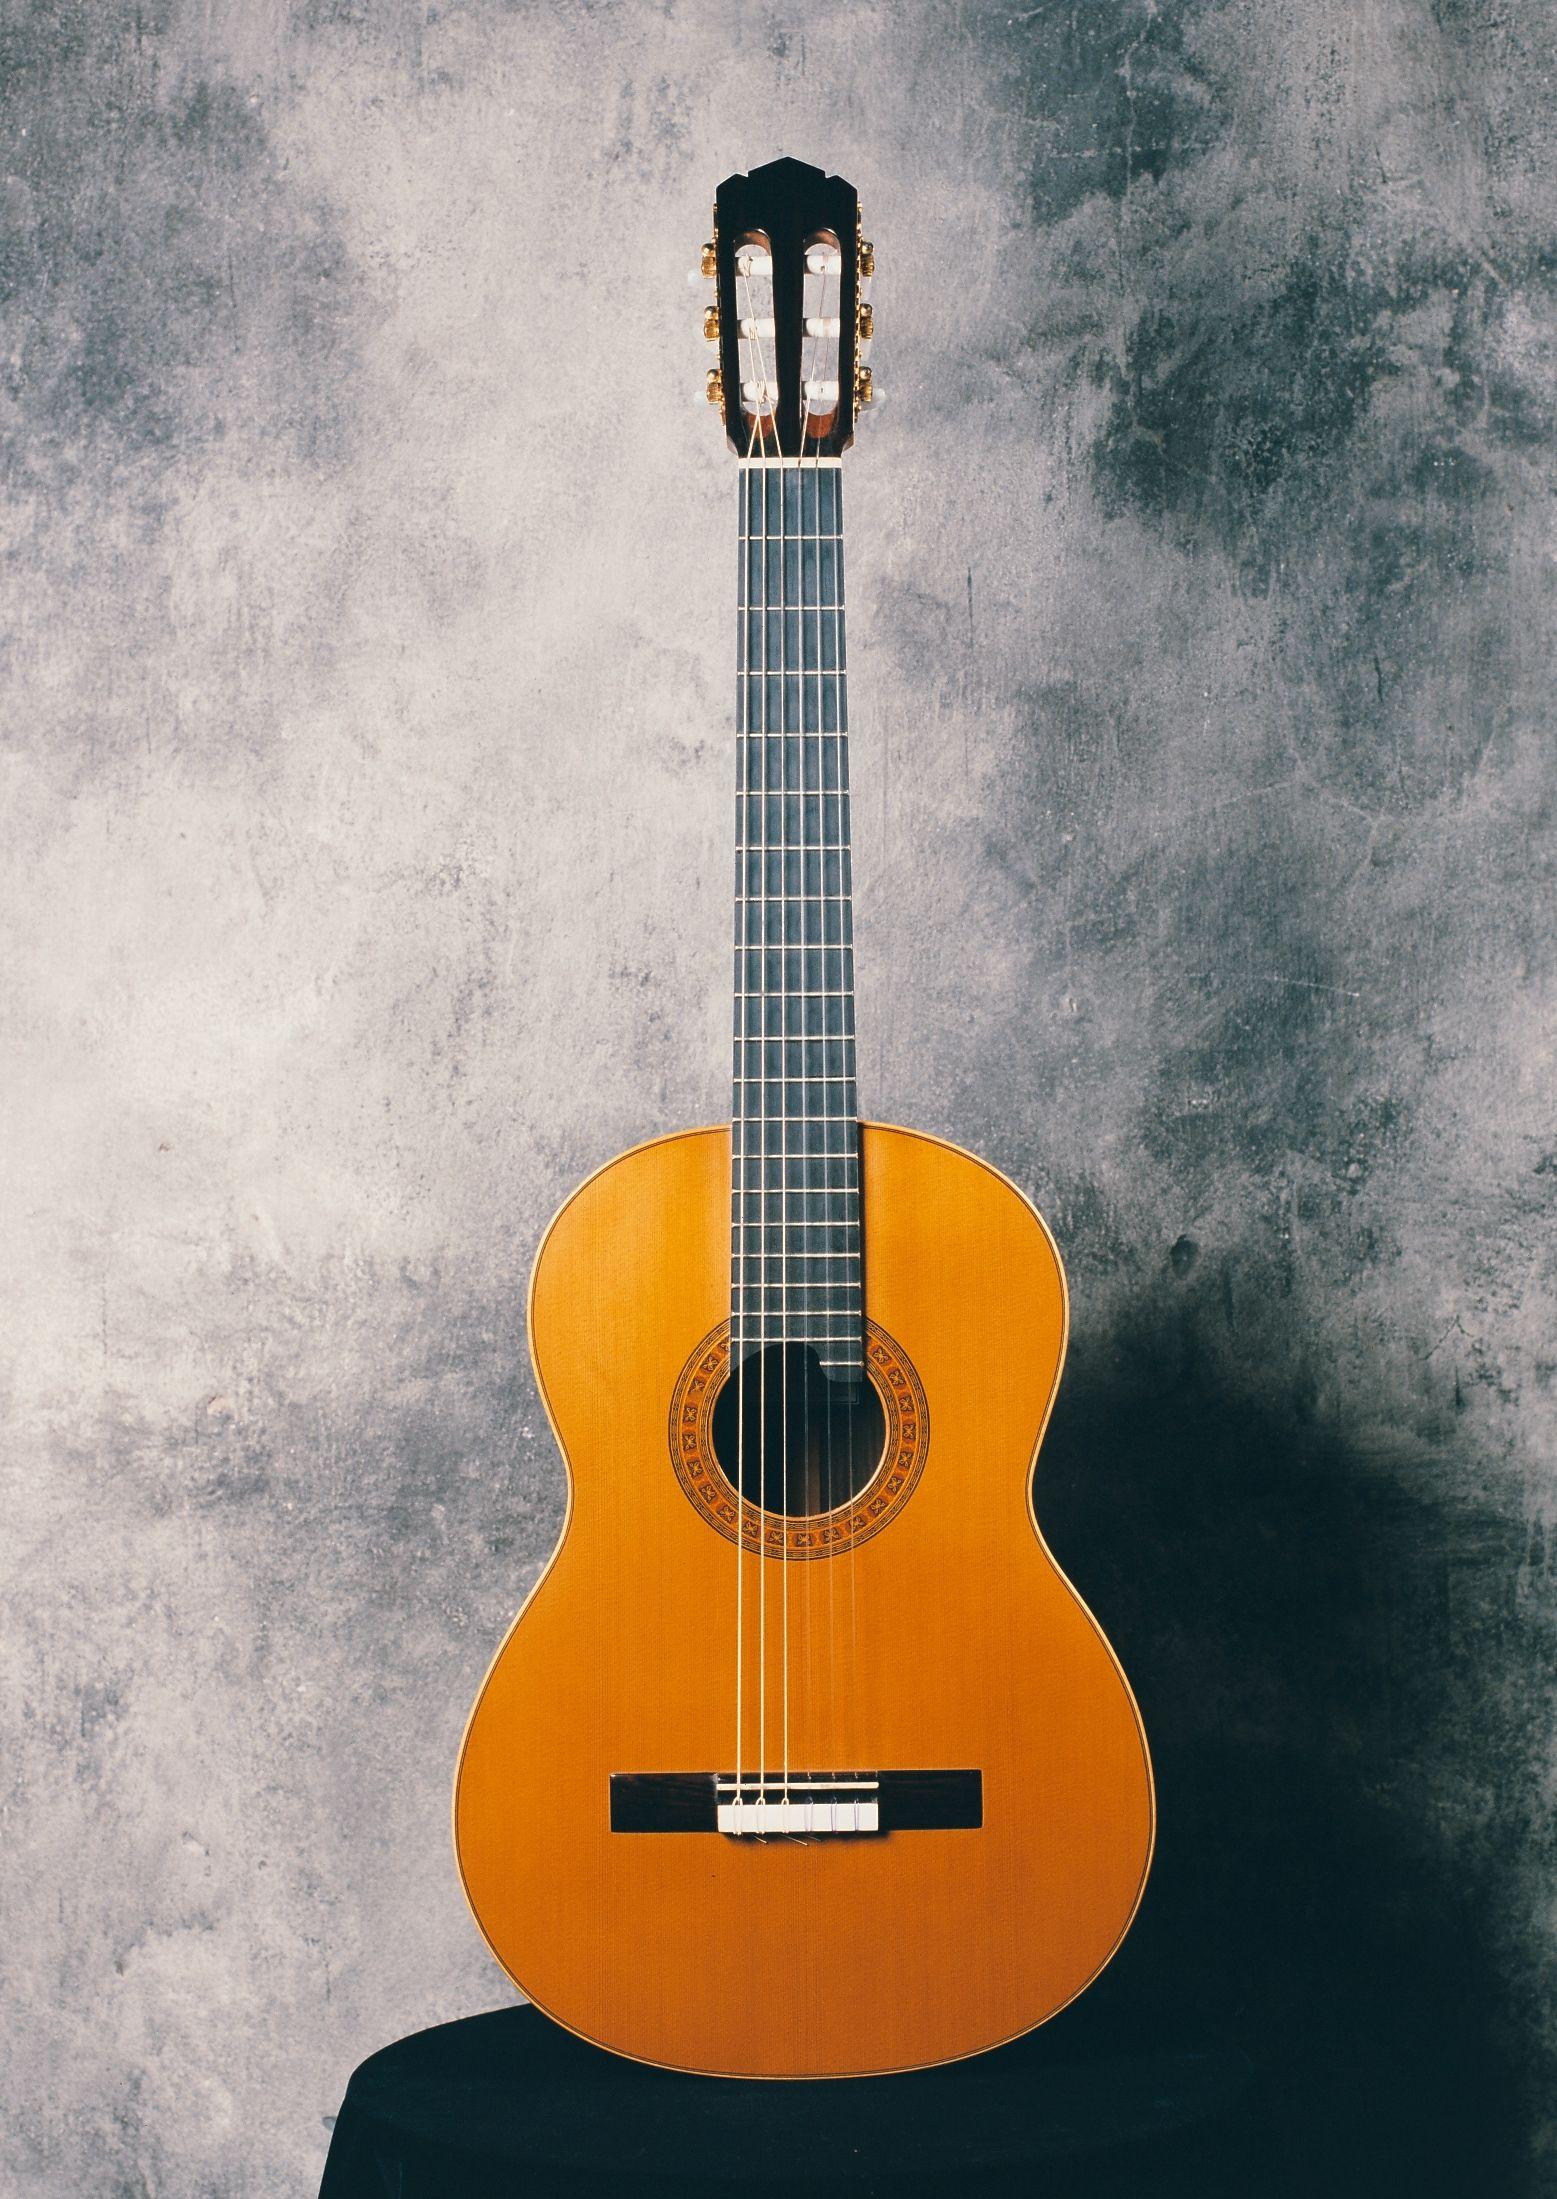 Guitarra cl sica modelo enrique garc a escala 650 mm for Guitarras la clasica